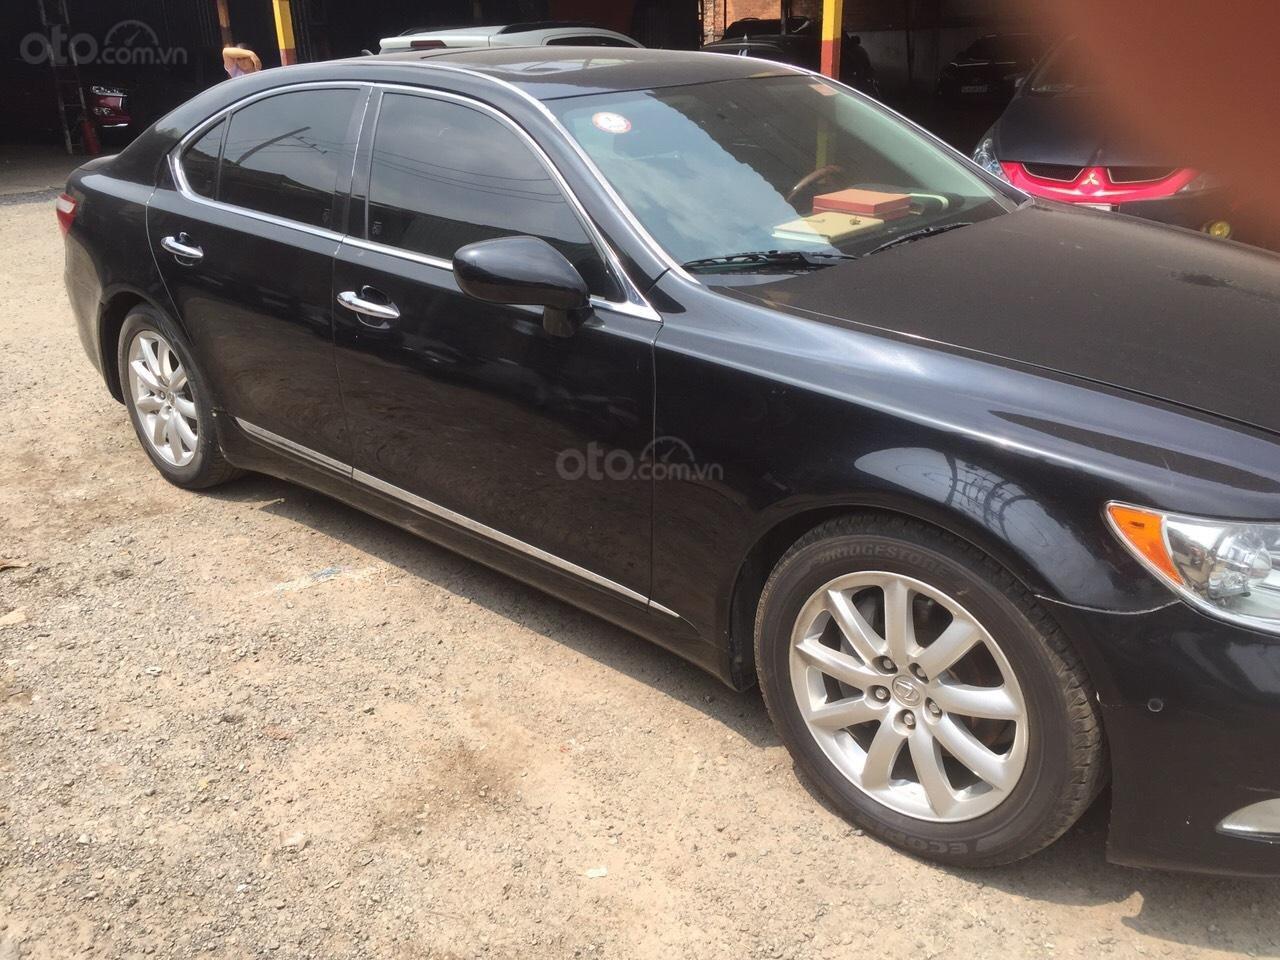 Bán ô tô Lexus LS460 đời 2010, màu đen, nhập khẩu nguyên chiếc, giá chỉ 400 triệu (2)